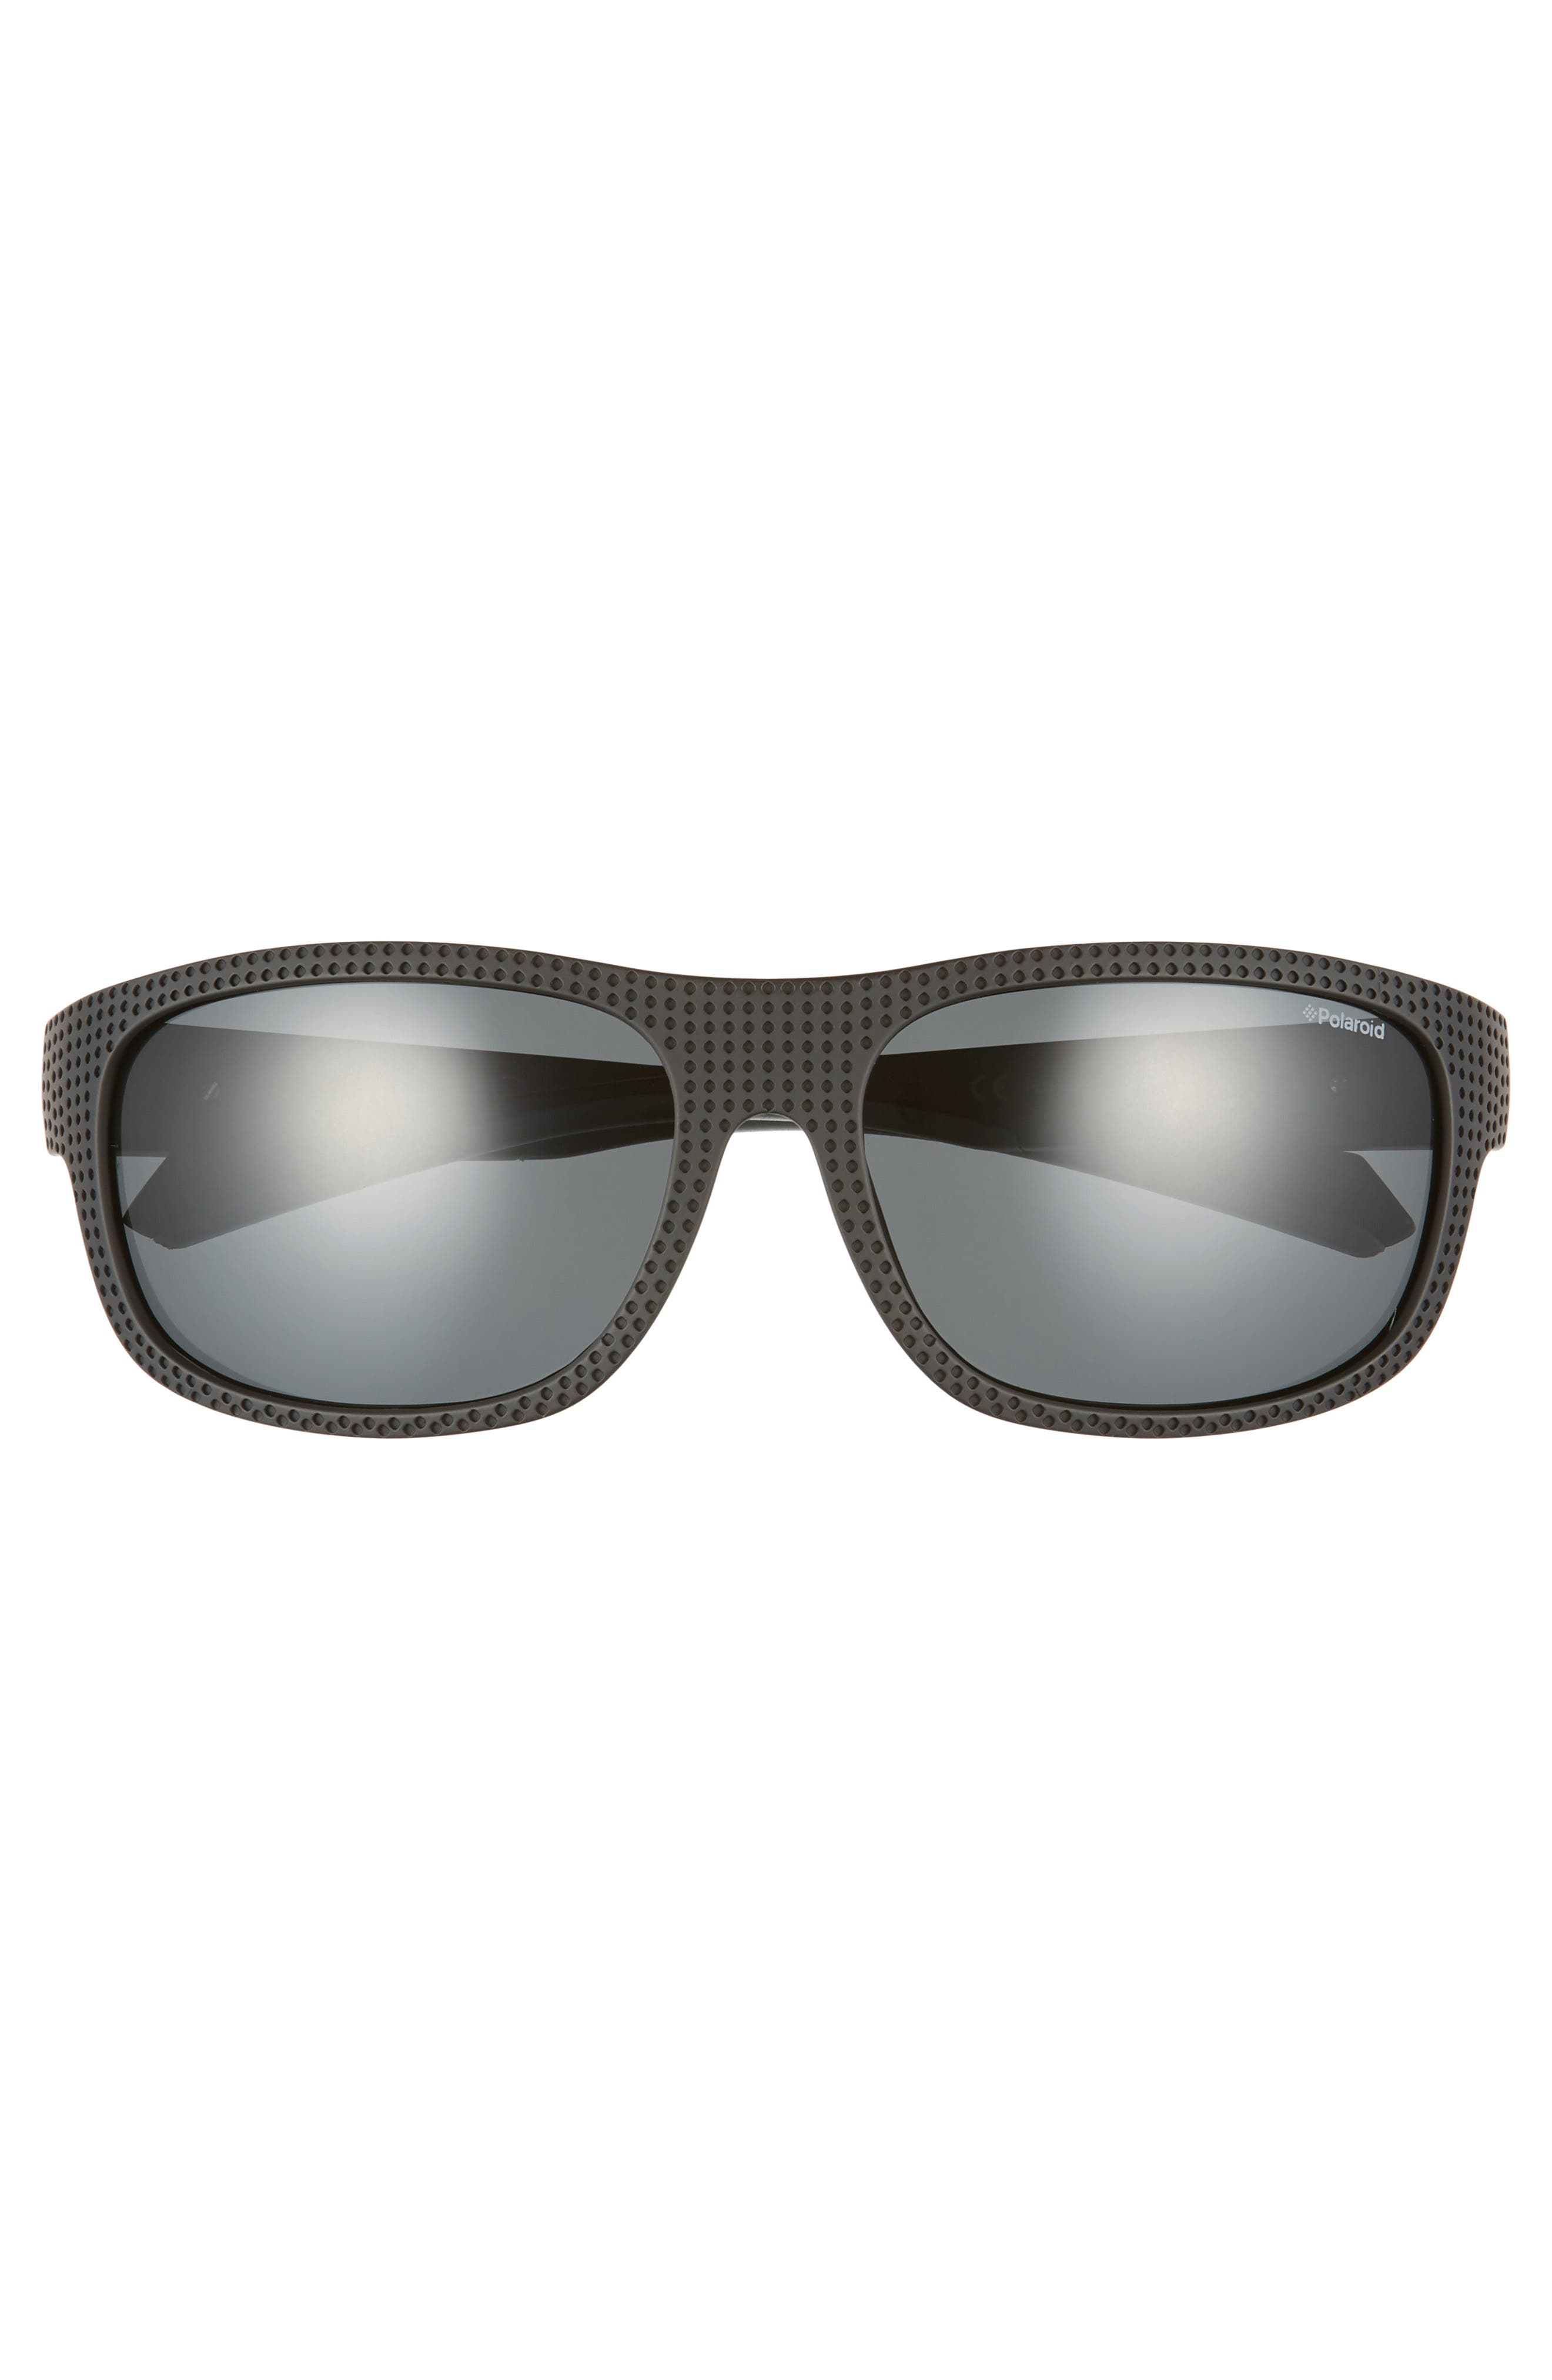 Plastic Wrap 63mm Polarized Sunglasses,                             Alternate thumbnail 2, color,                             BLACK